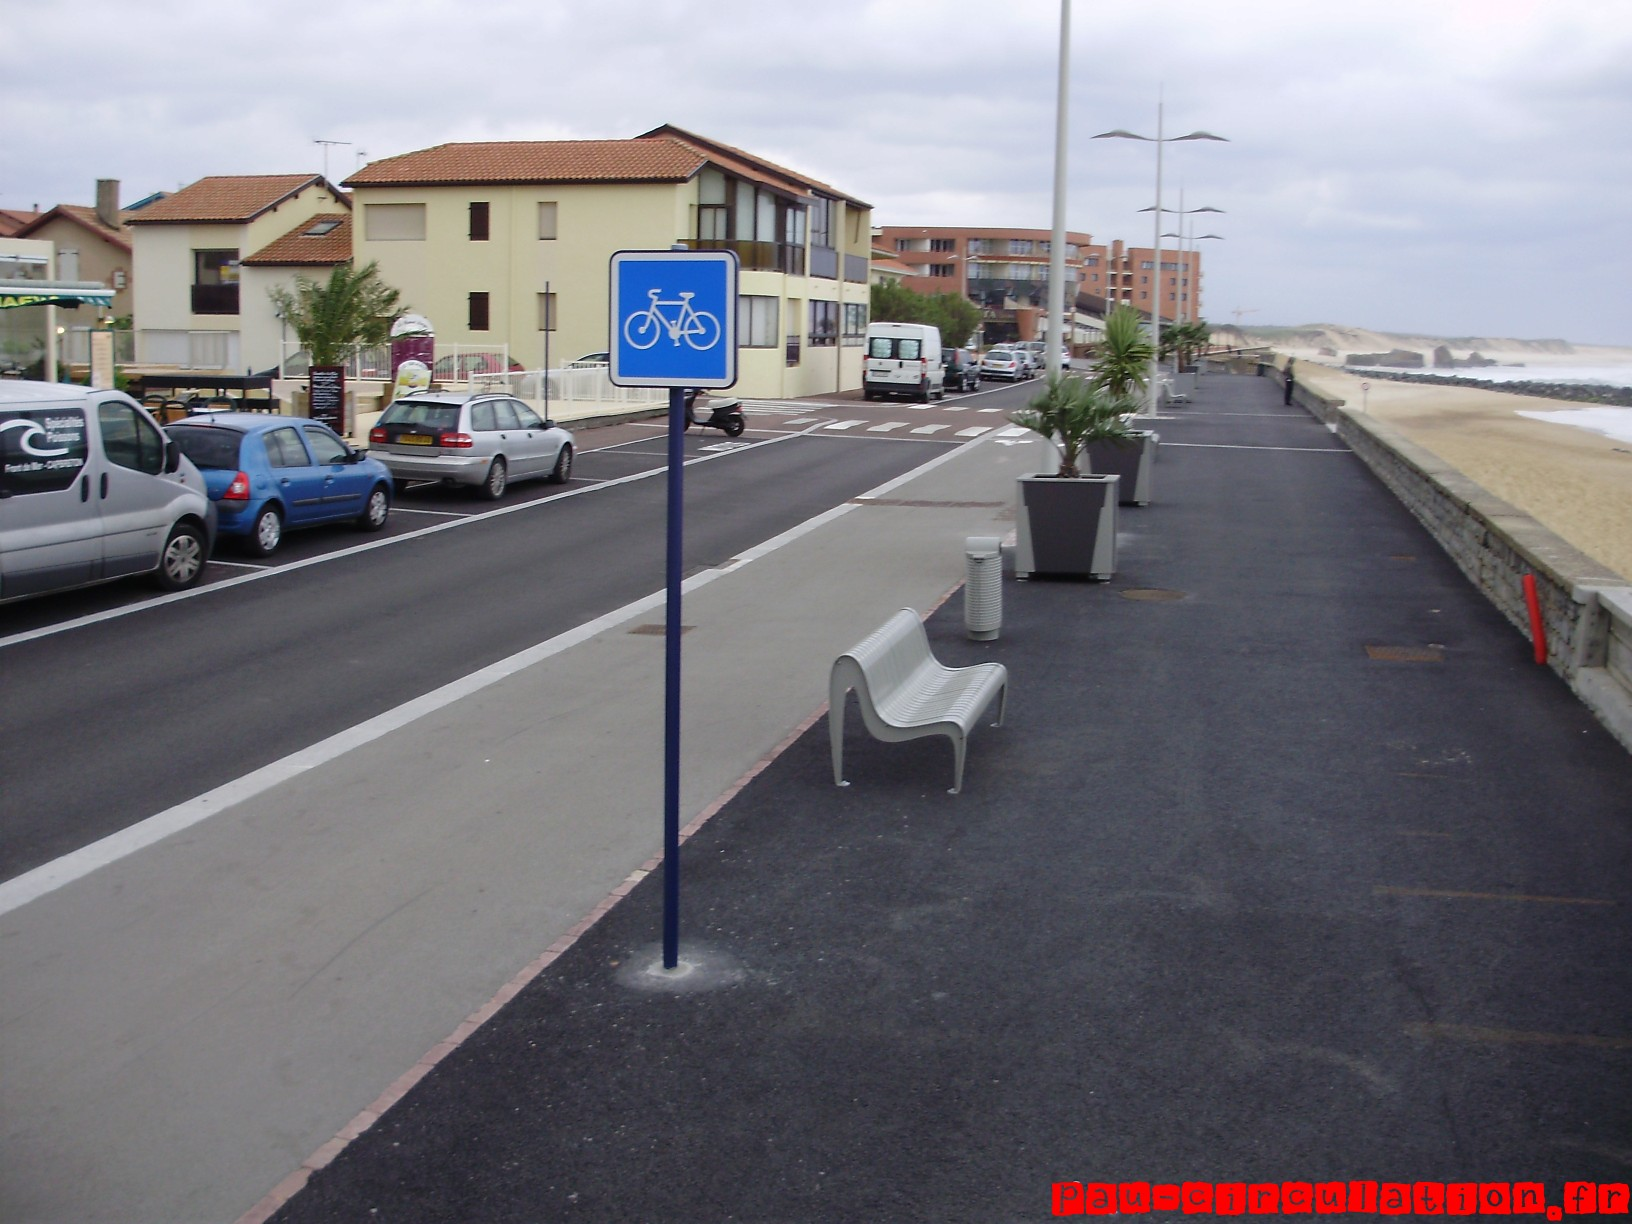 [Capbreton] Du stationnement aux transports alternatifs sur le front de mer.